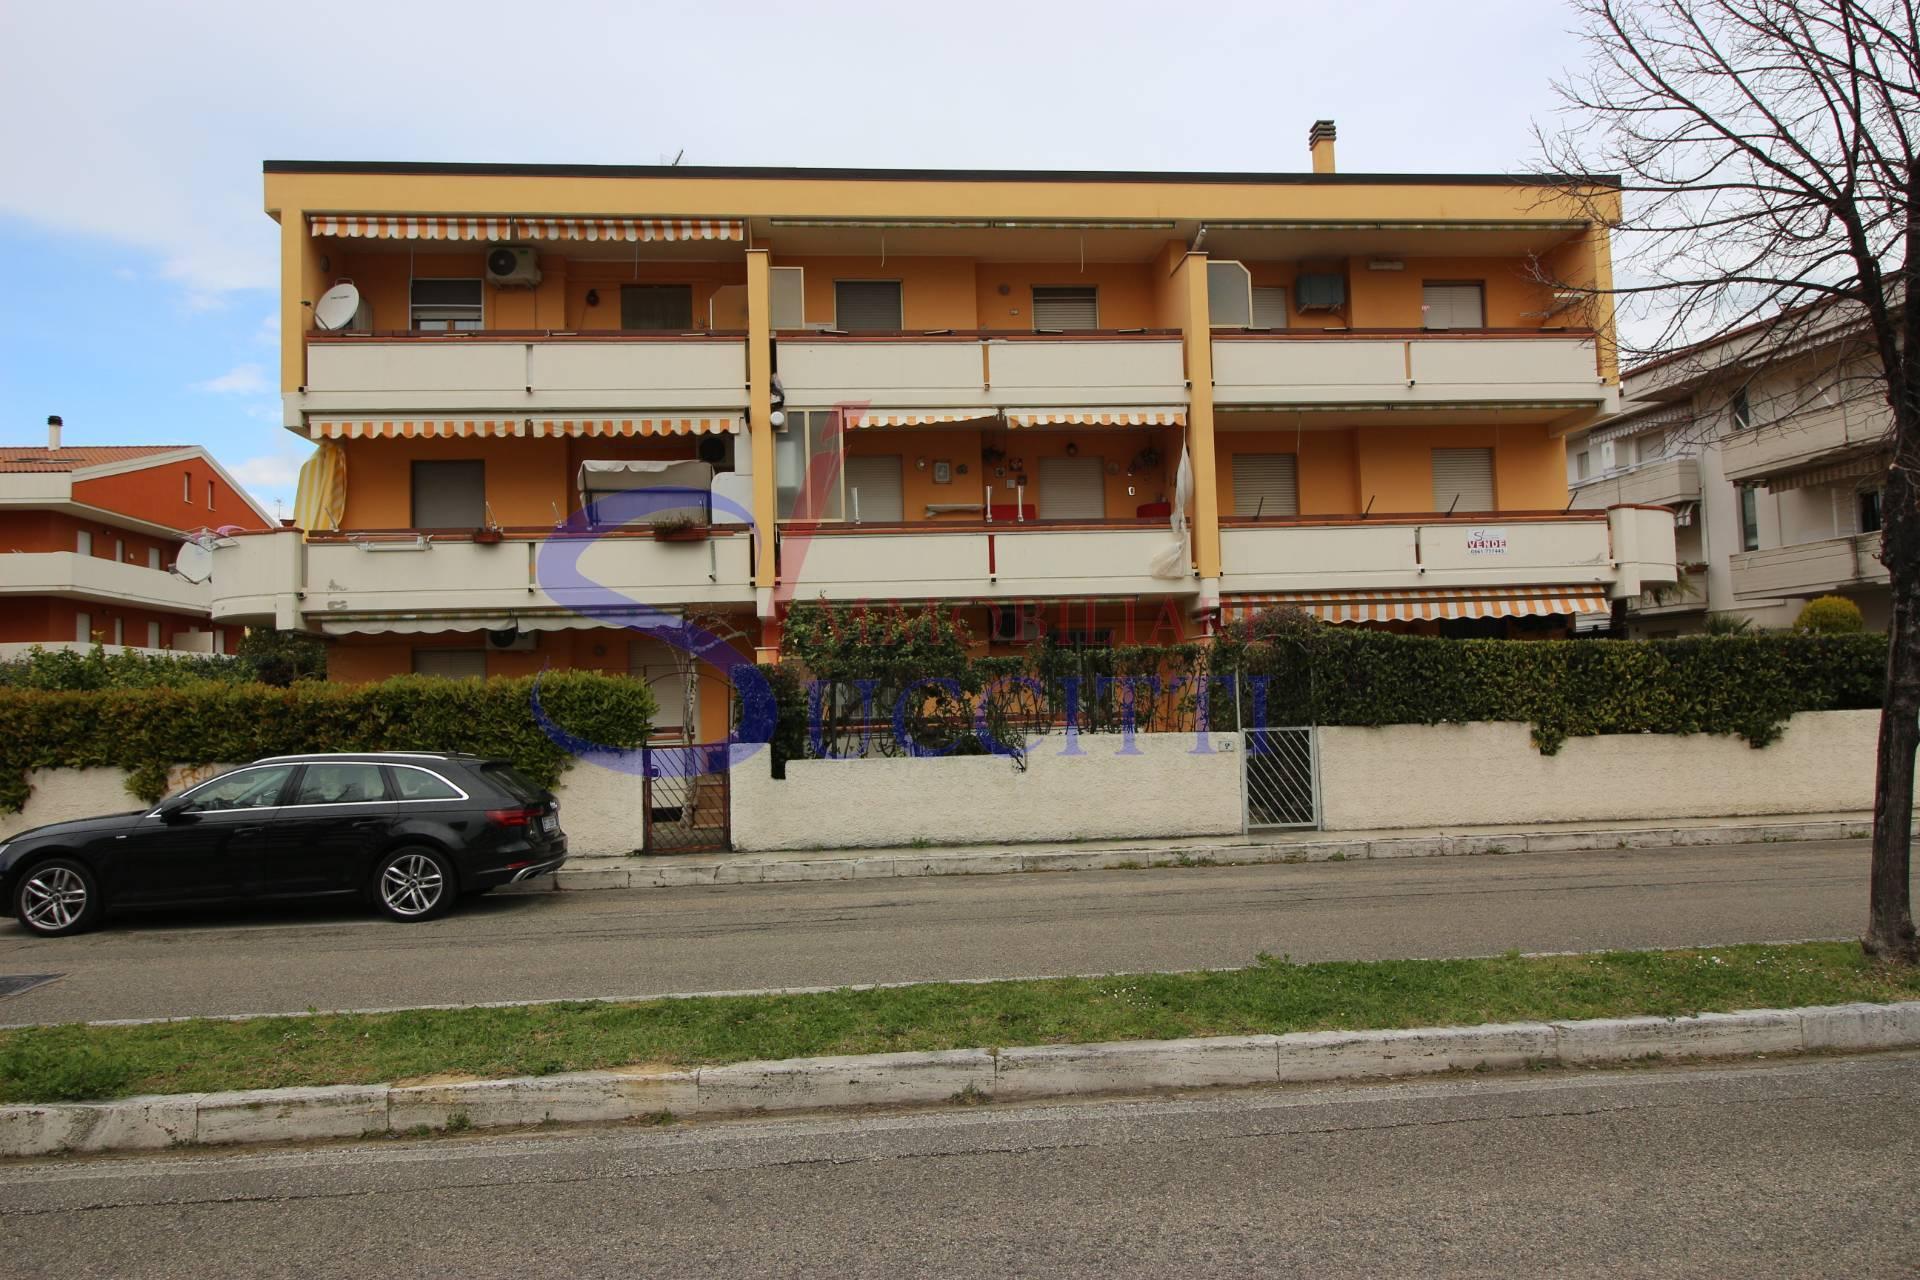 Appartamento in vendita a Tortoreto, 3 locali, zona Località: TortoretoLido, prezzo € 129.000 | PortaleAgenzieImmobiliari.it